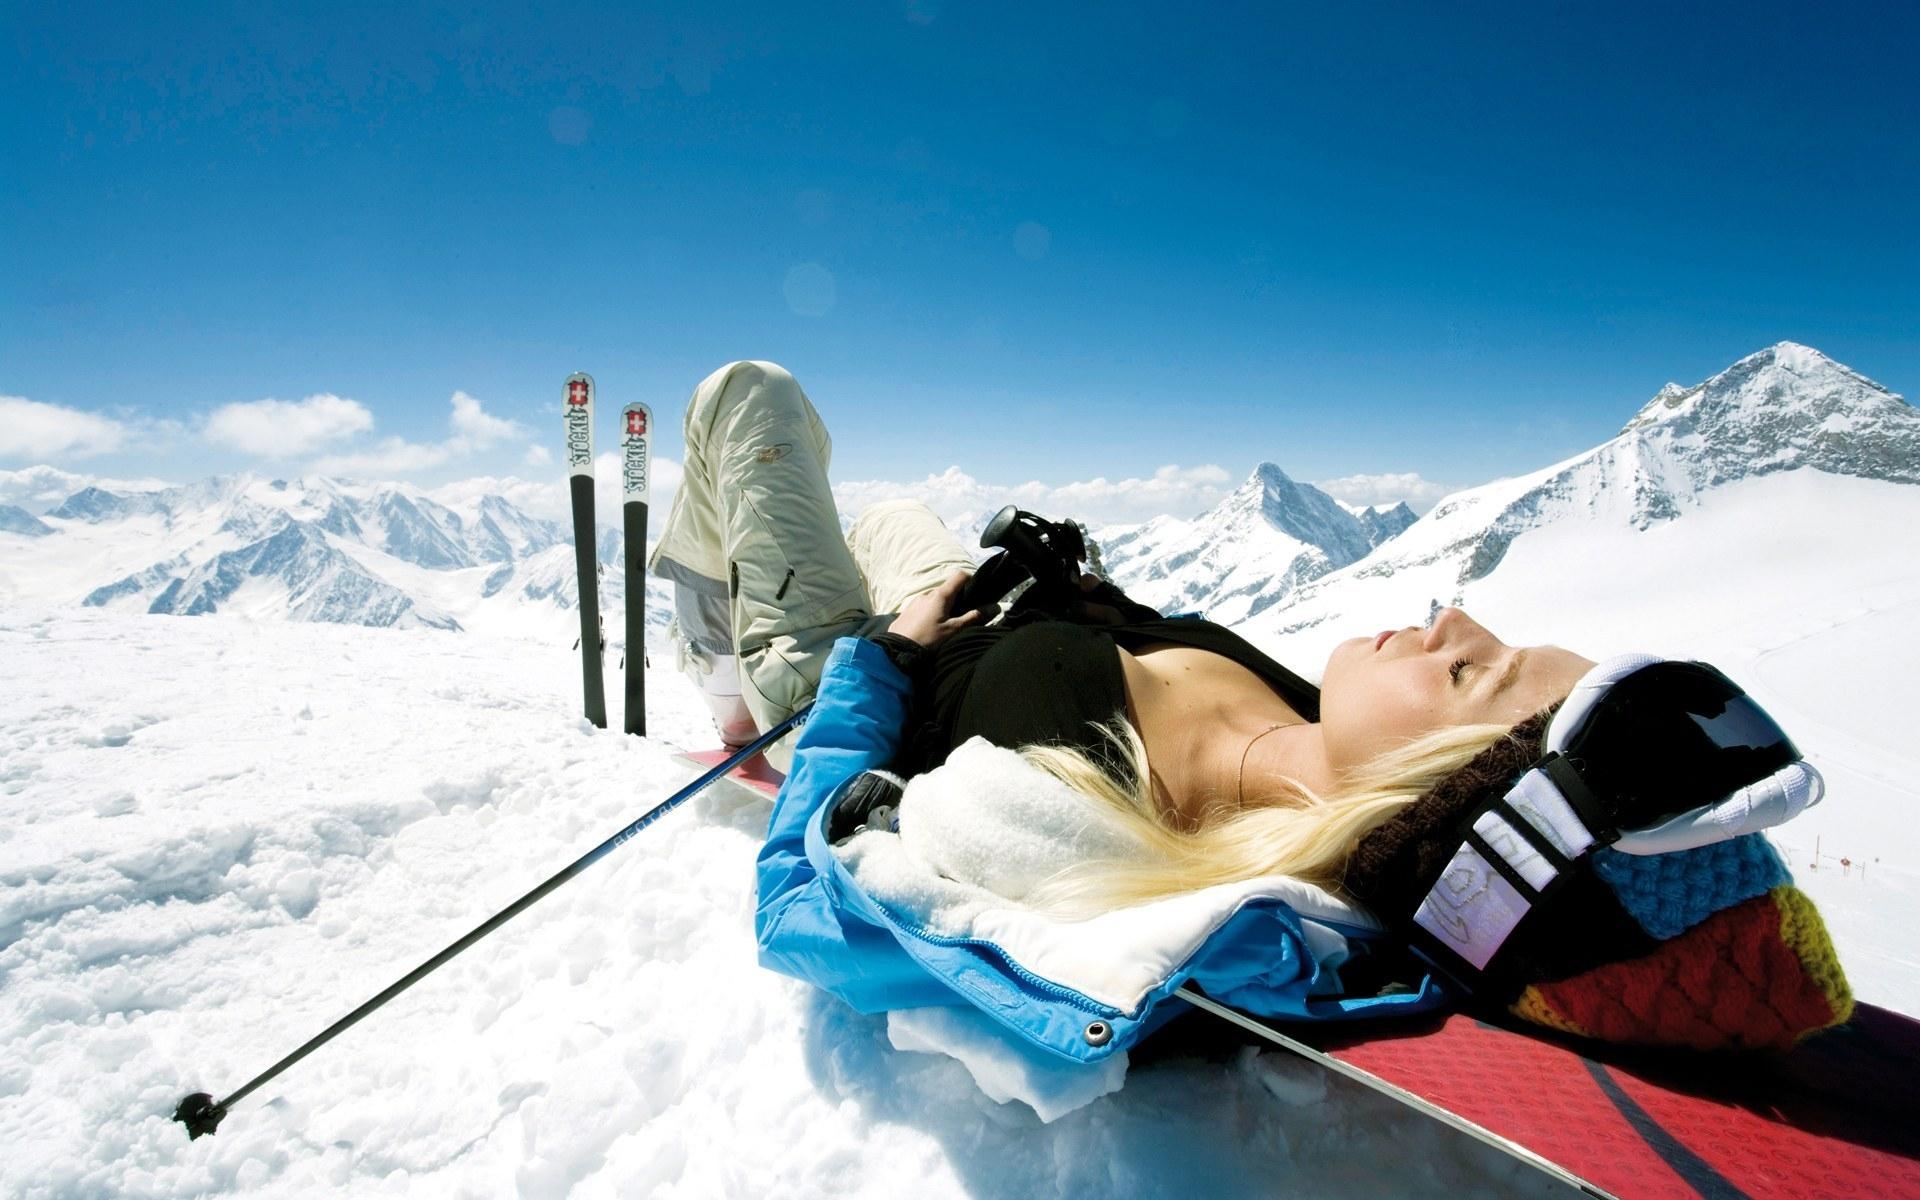 как сжечь калории,зимние забавы,чем заняться зимой на улице,сжигает жир,сноуборд,кататься на лыжах,силовые тренировки,прокачать мышцы пресса